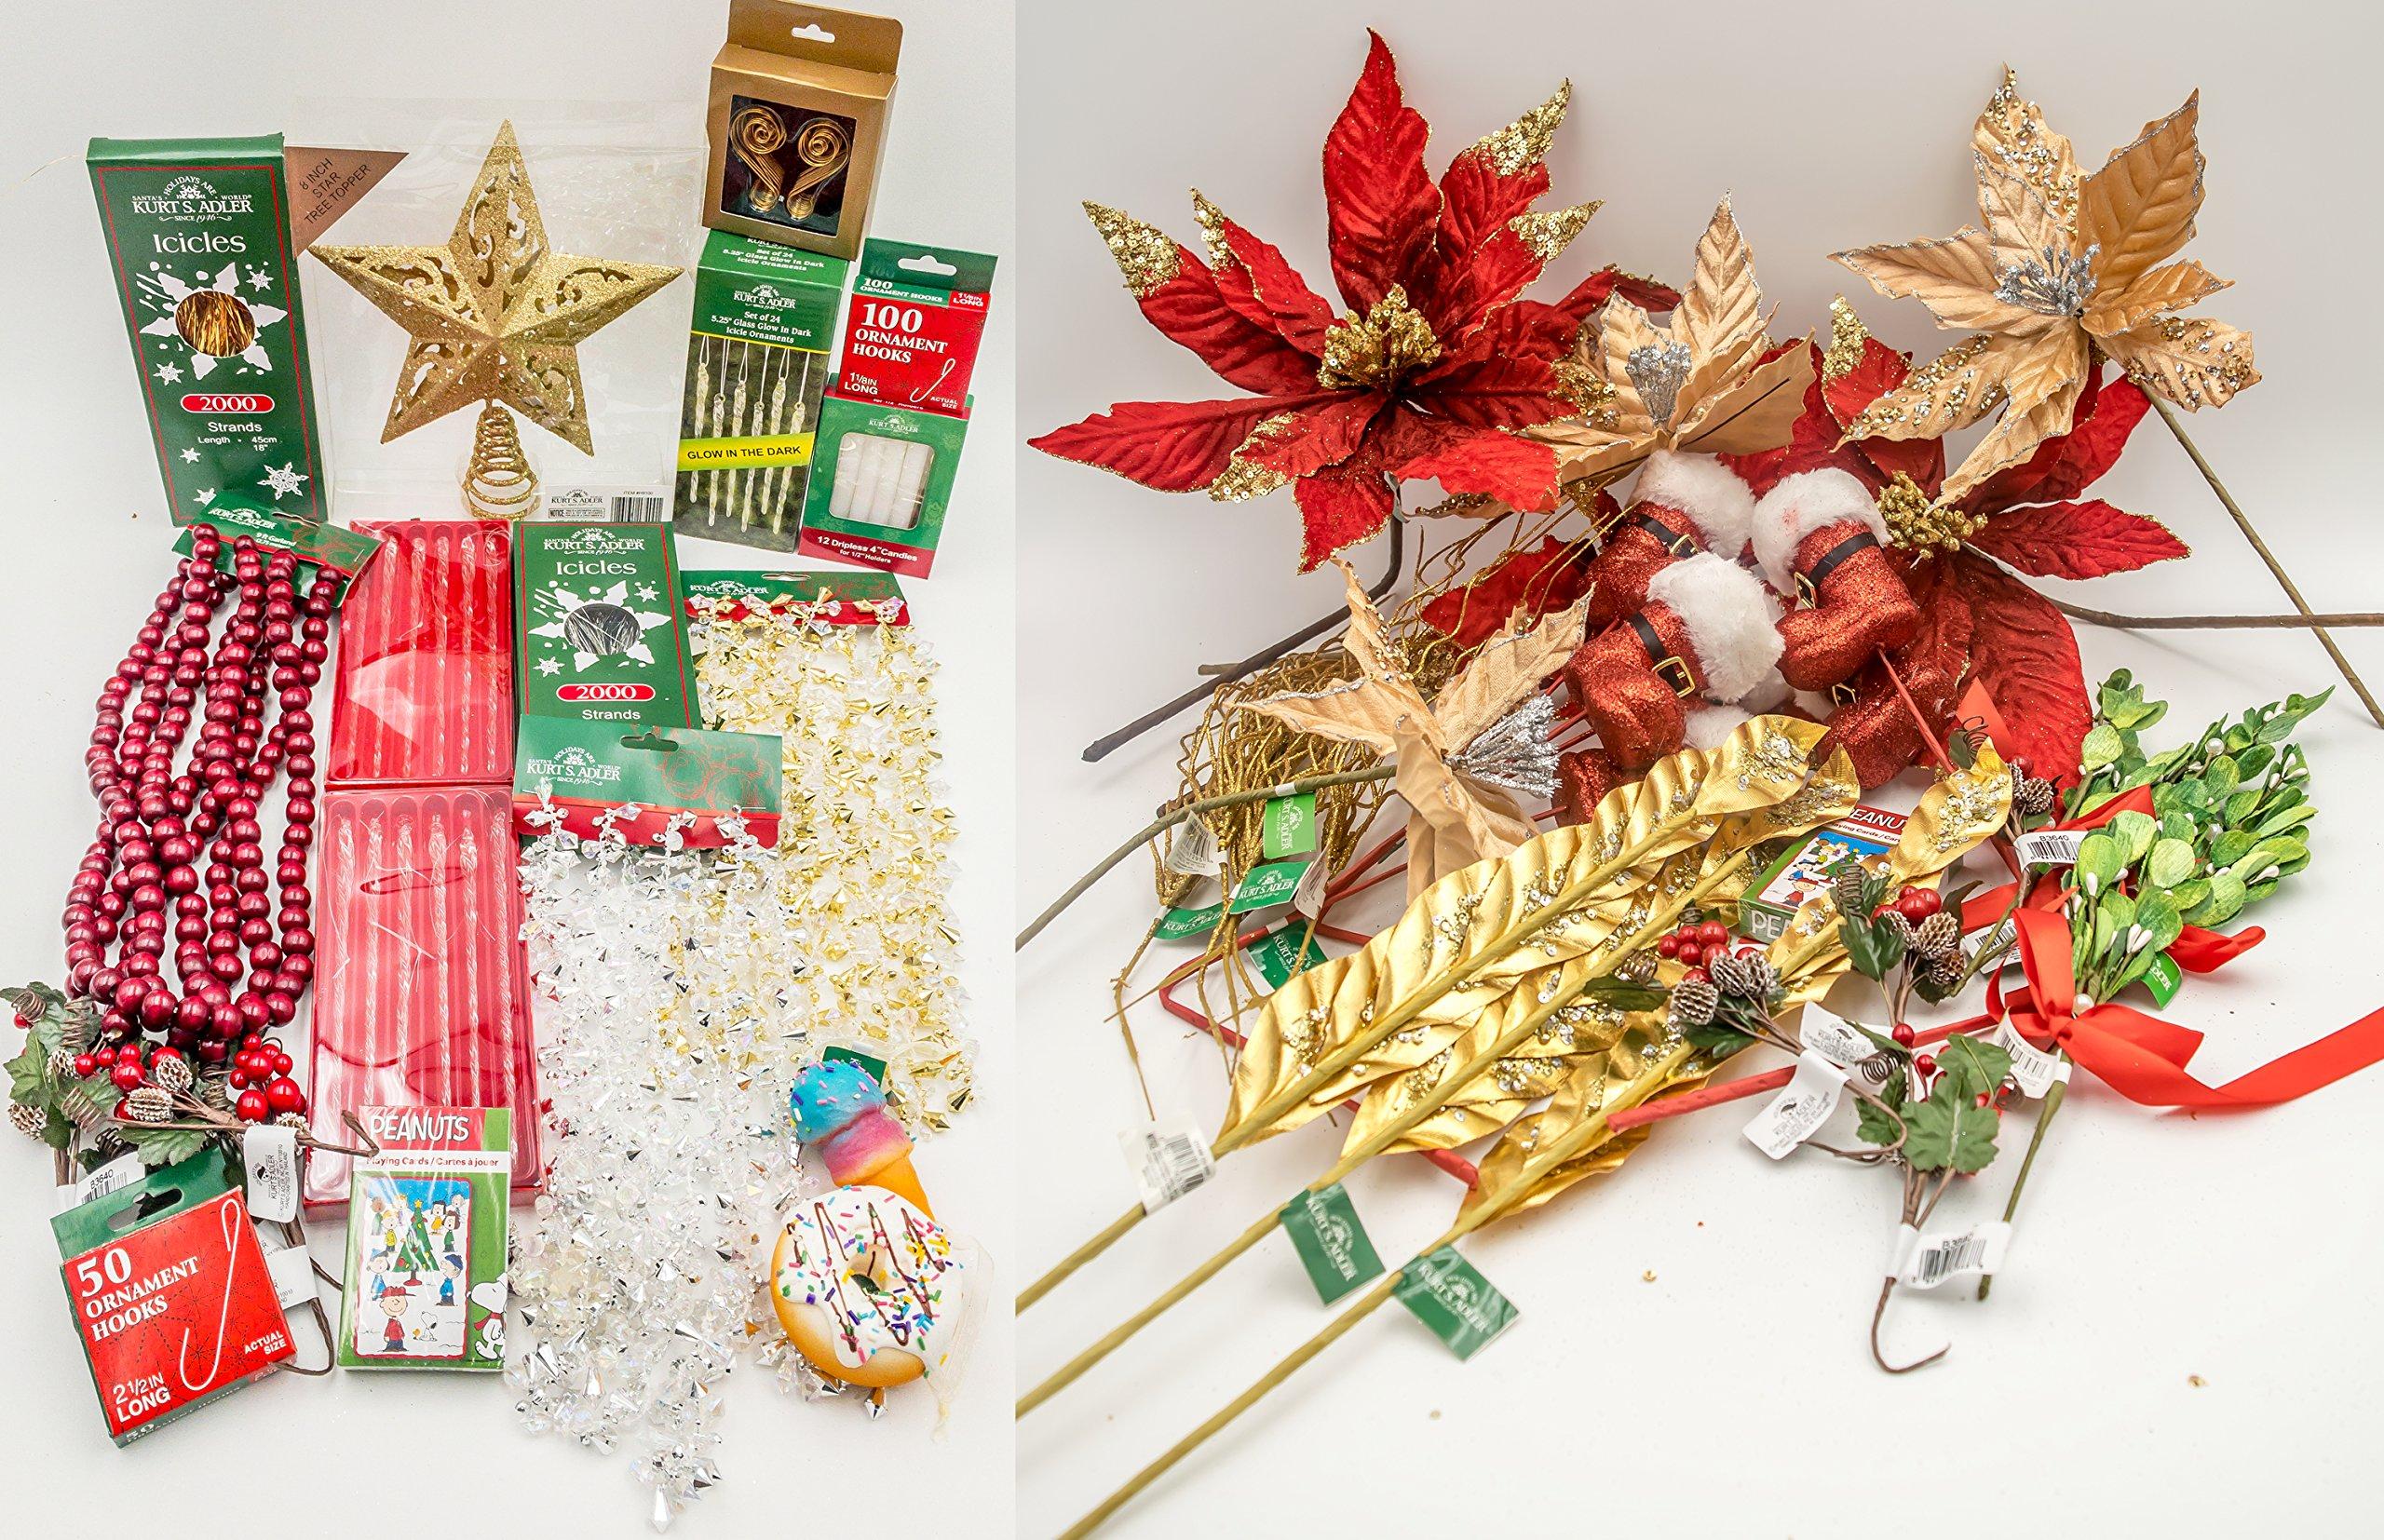 JZ Bundles Large Set - Best of Christmas Decorations - Kurt Adler - 58-Piece Bundle - A Bundle of Christmas Ornaments Great Gift